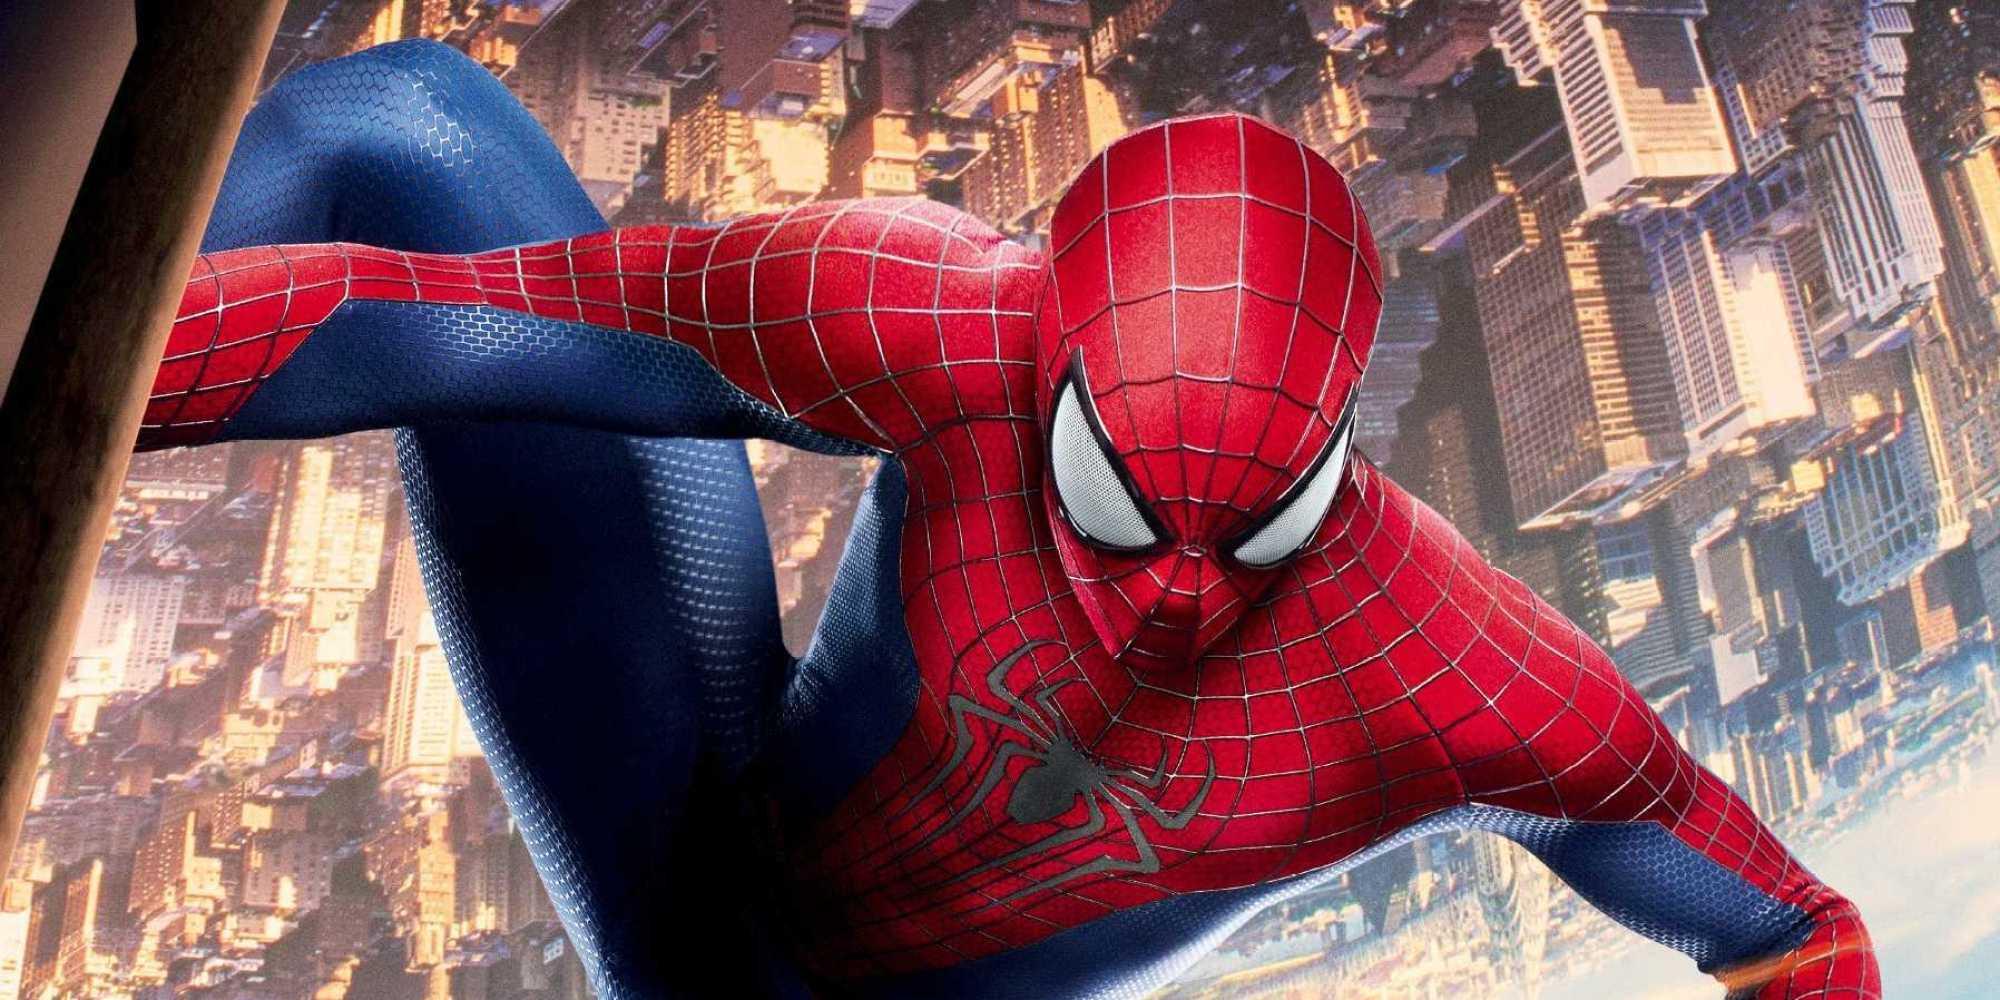 Marvel Studios Spider Man Movie Make New Spider-man Movie